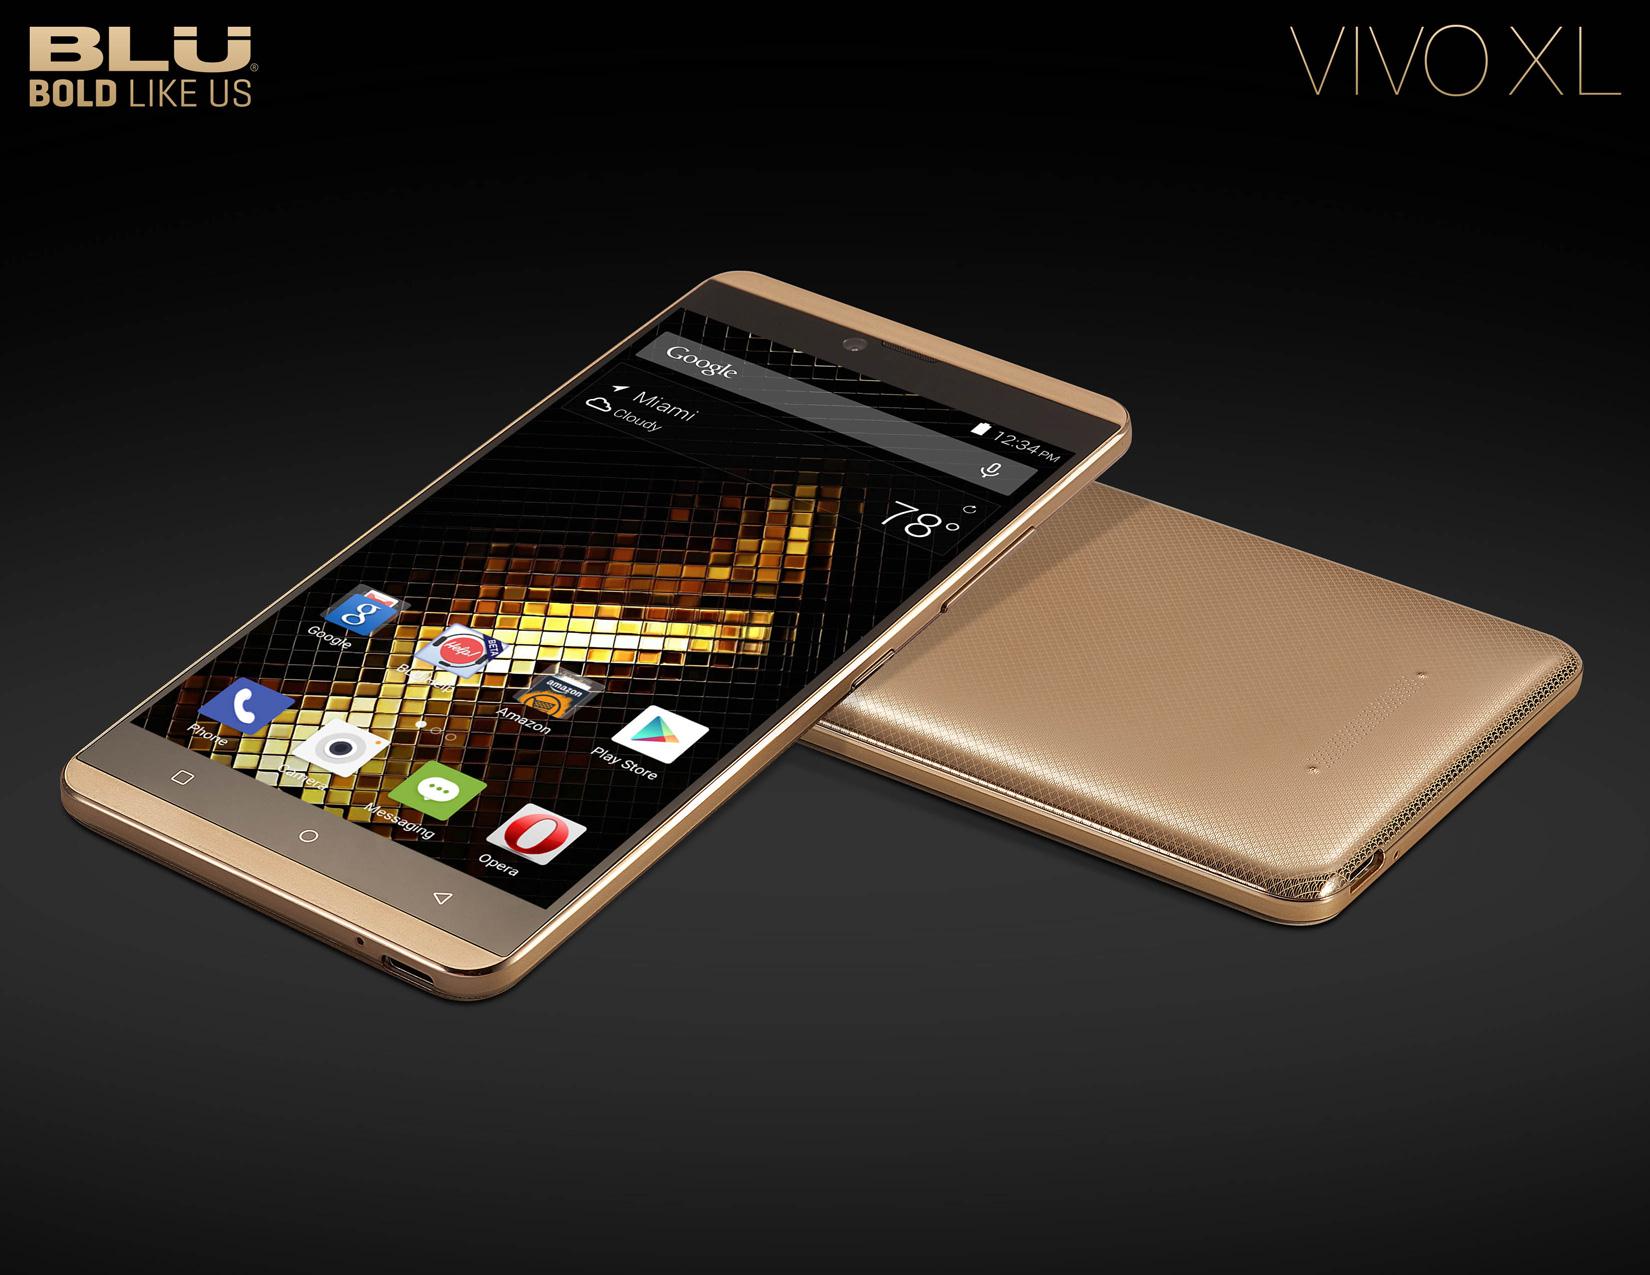 Blu představilo dvě nová zařízení – VIVO 5 a VIVO XL